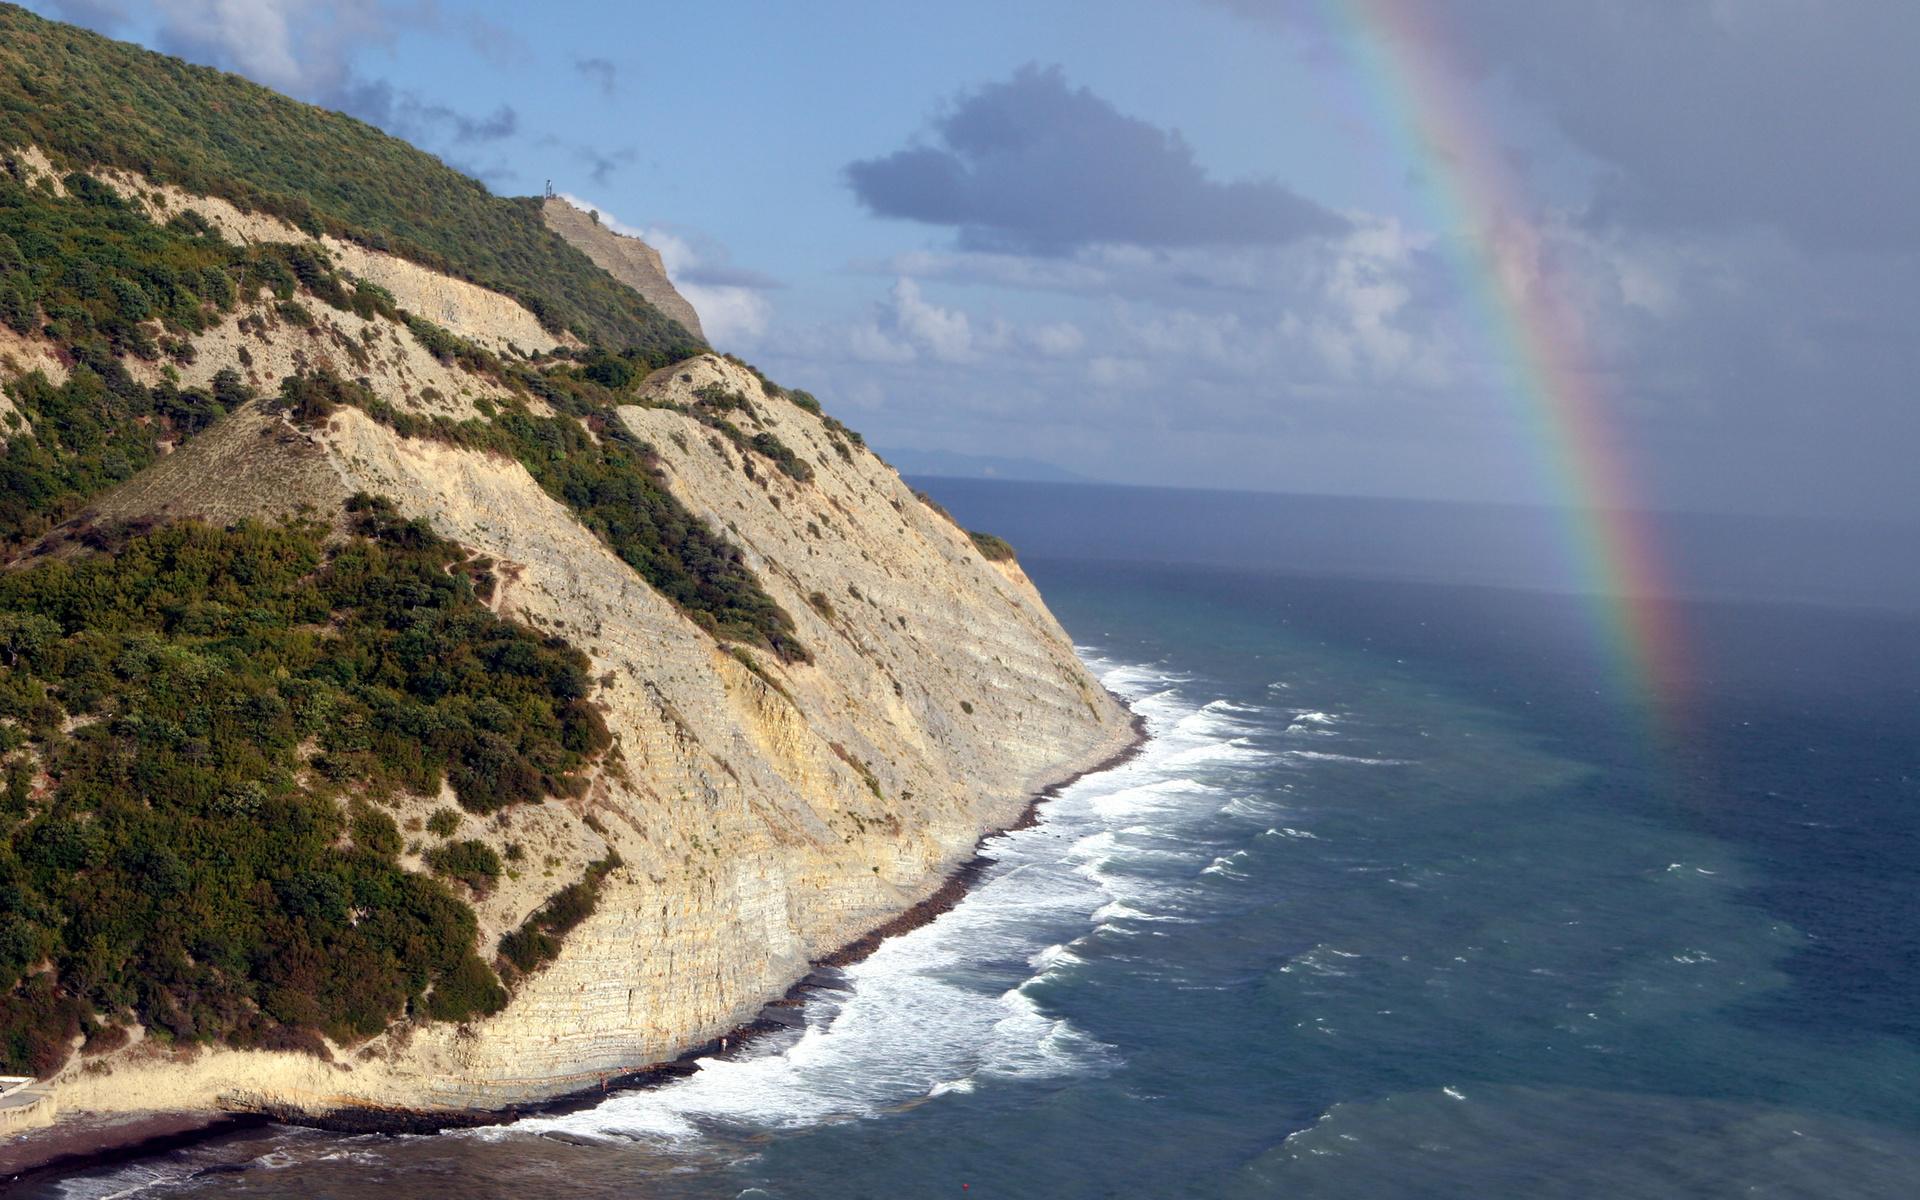 природа, море, океан, радуга, горы, деревья, небо, облака, волна